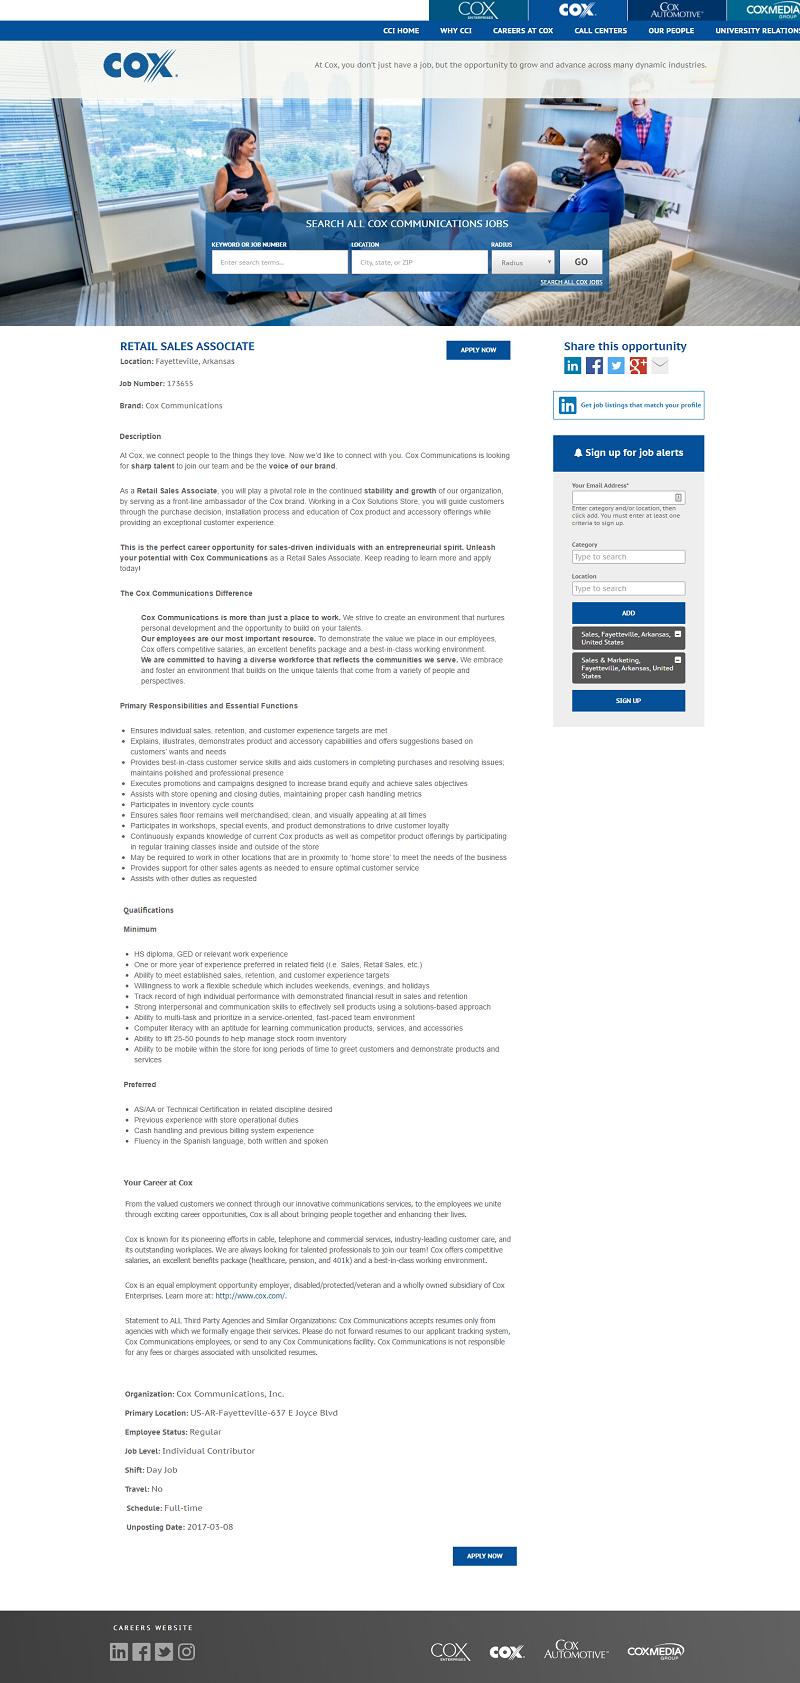 Taleo ATS Cox Communications Job Description - Ongig